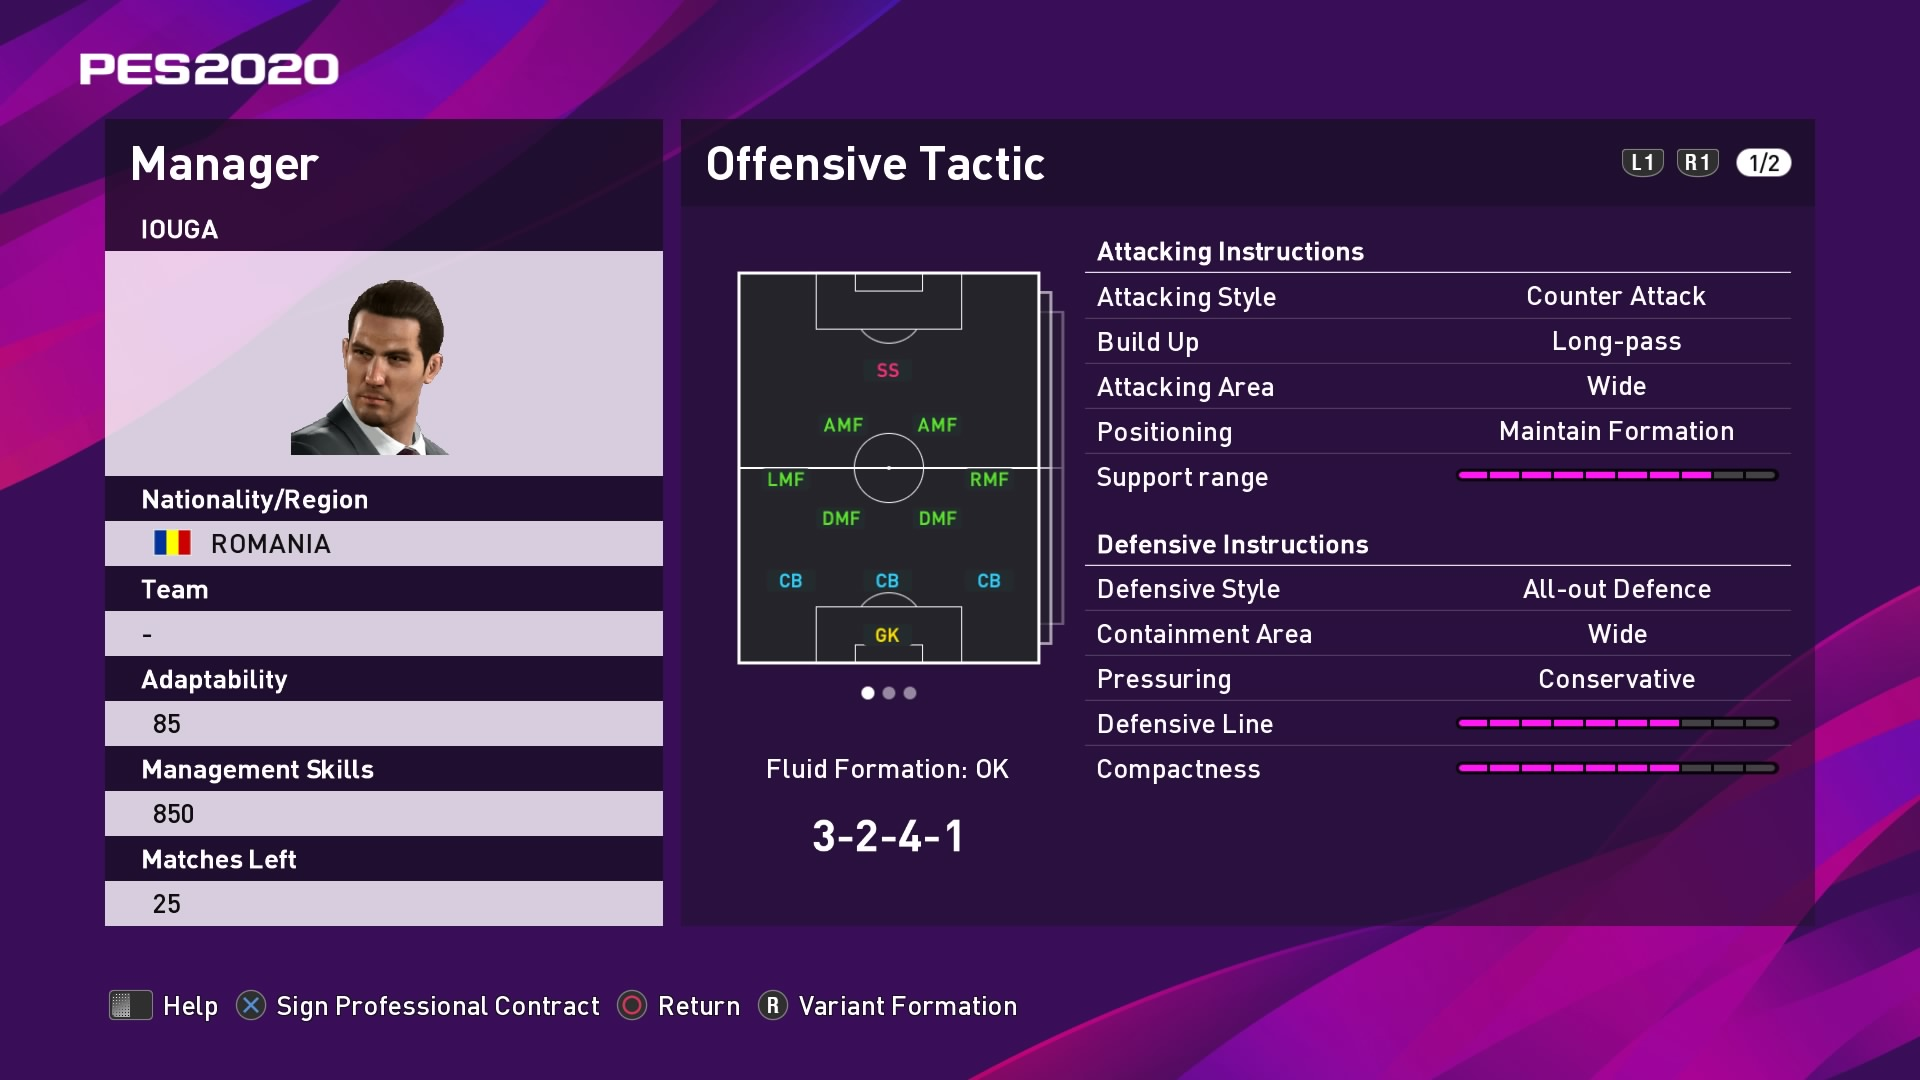 Iouga Offensive Tactic at Kick-off